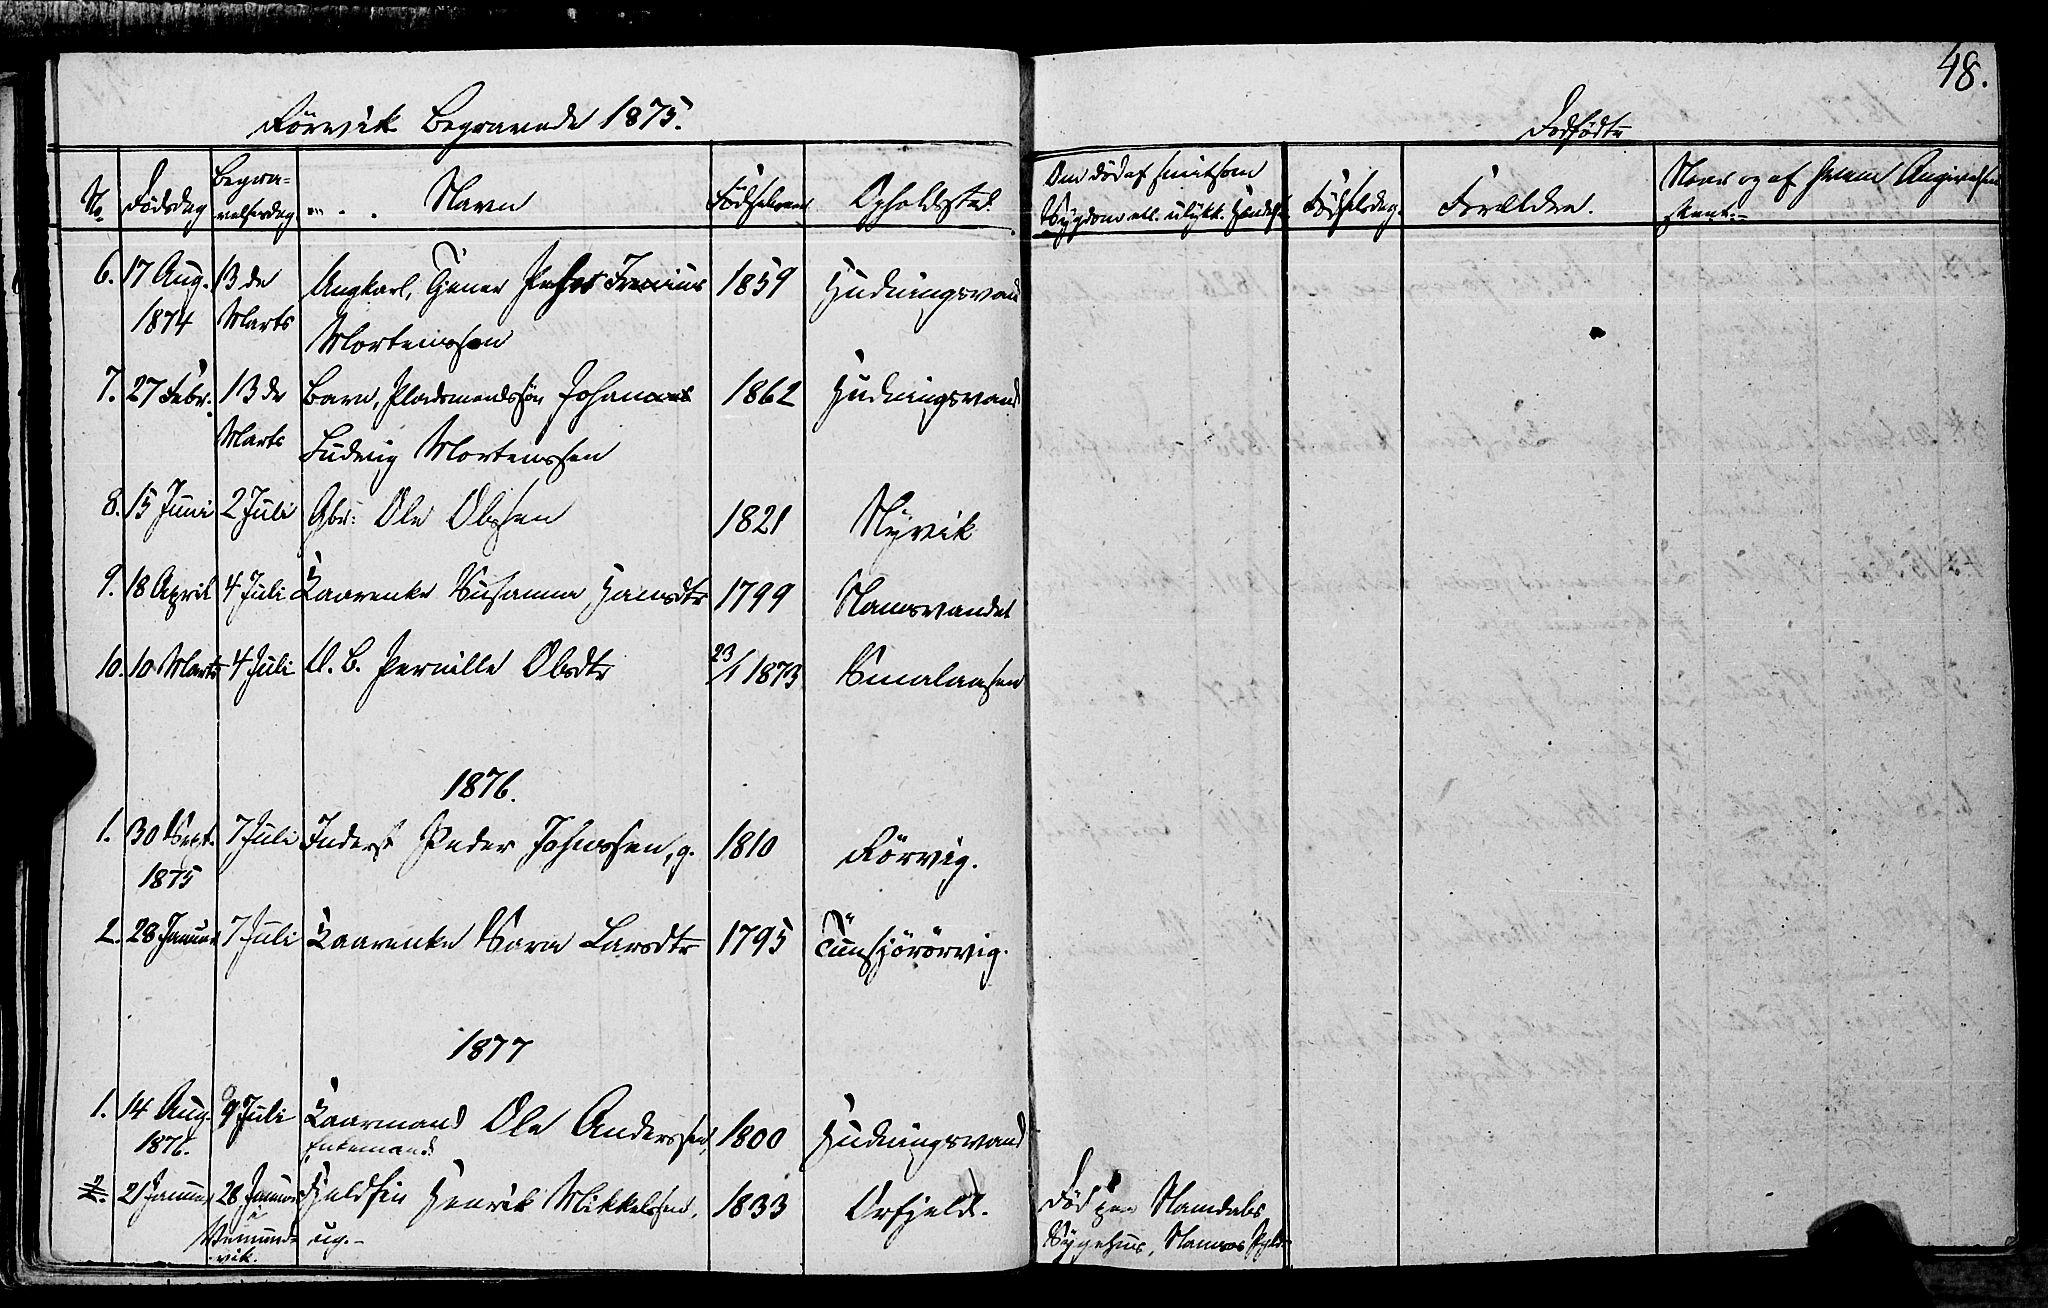 SAT, Ministerialprotokoller, klokkerbøker og fødselsregistre - Nord-Trøndelag, 762/L0538: Ministerialbok nr. 762A02 /1, 1833-1879, s. 48